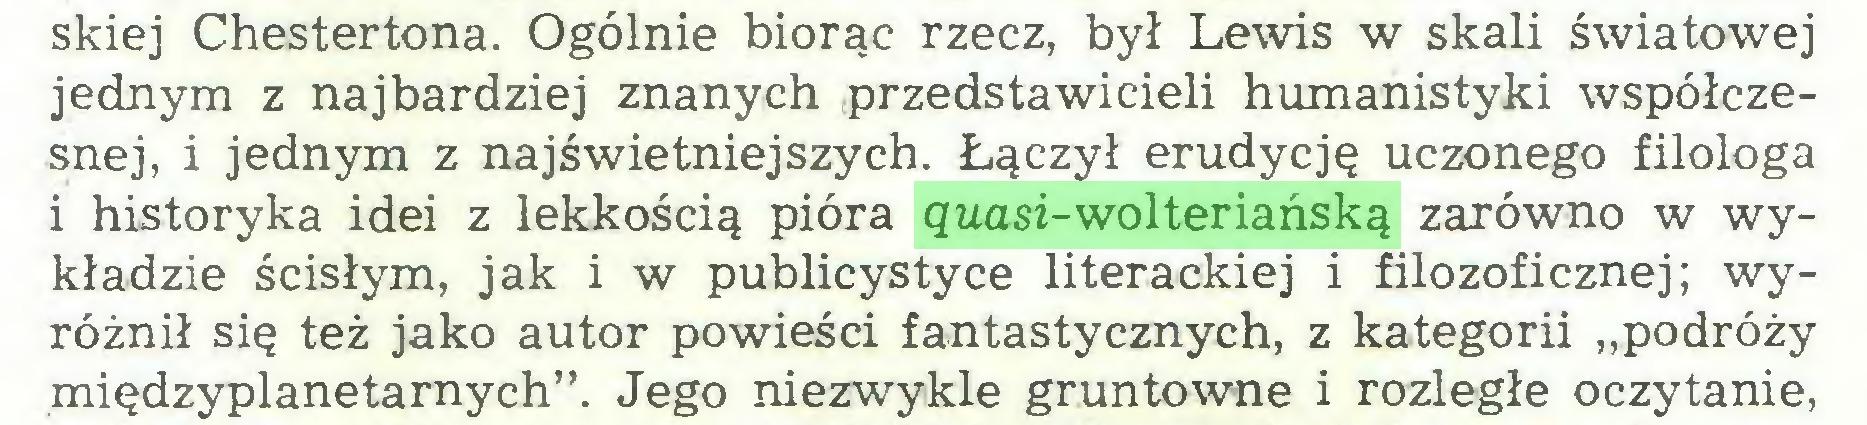 """(...) skiej Chestertona. Ogólnie biorąc rzecz, był Lewis w skali światowej jednym z najbardziej znanych przedstawicieli humanistyki współczesnej, i jednym z najświetniejszych. Łączył erudycję uczonego filologa 1 historyka idei z lekkością pióra quasi-wolteriańską zarówno w wykładzie ścisłym, jak i w publicystyce literackiej i filozoficznej; wyróżnił się też jako autor powieści fantastycznych, z kategorii """"podróży międzyplanetarnych"""". Jego niezwykle gruntowne i rozległe oczytanie,..."""